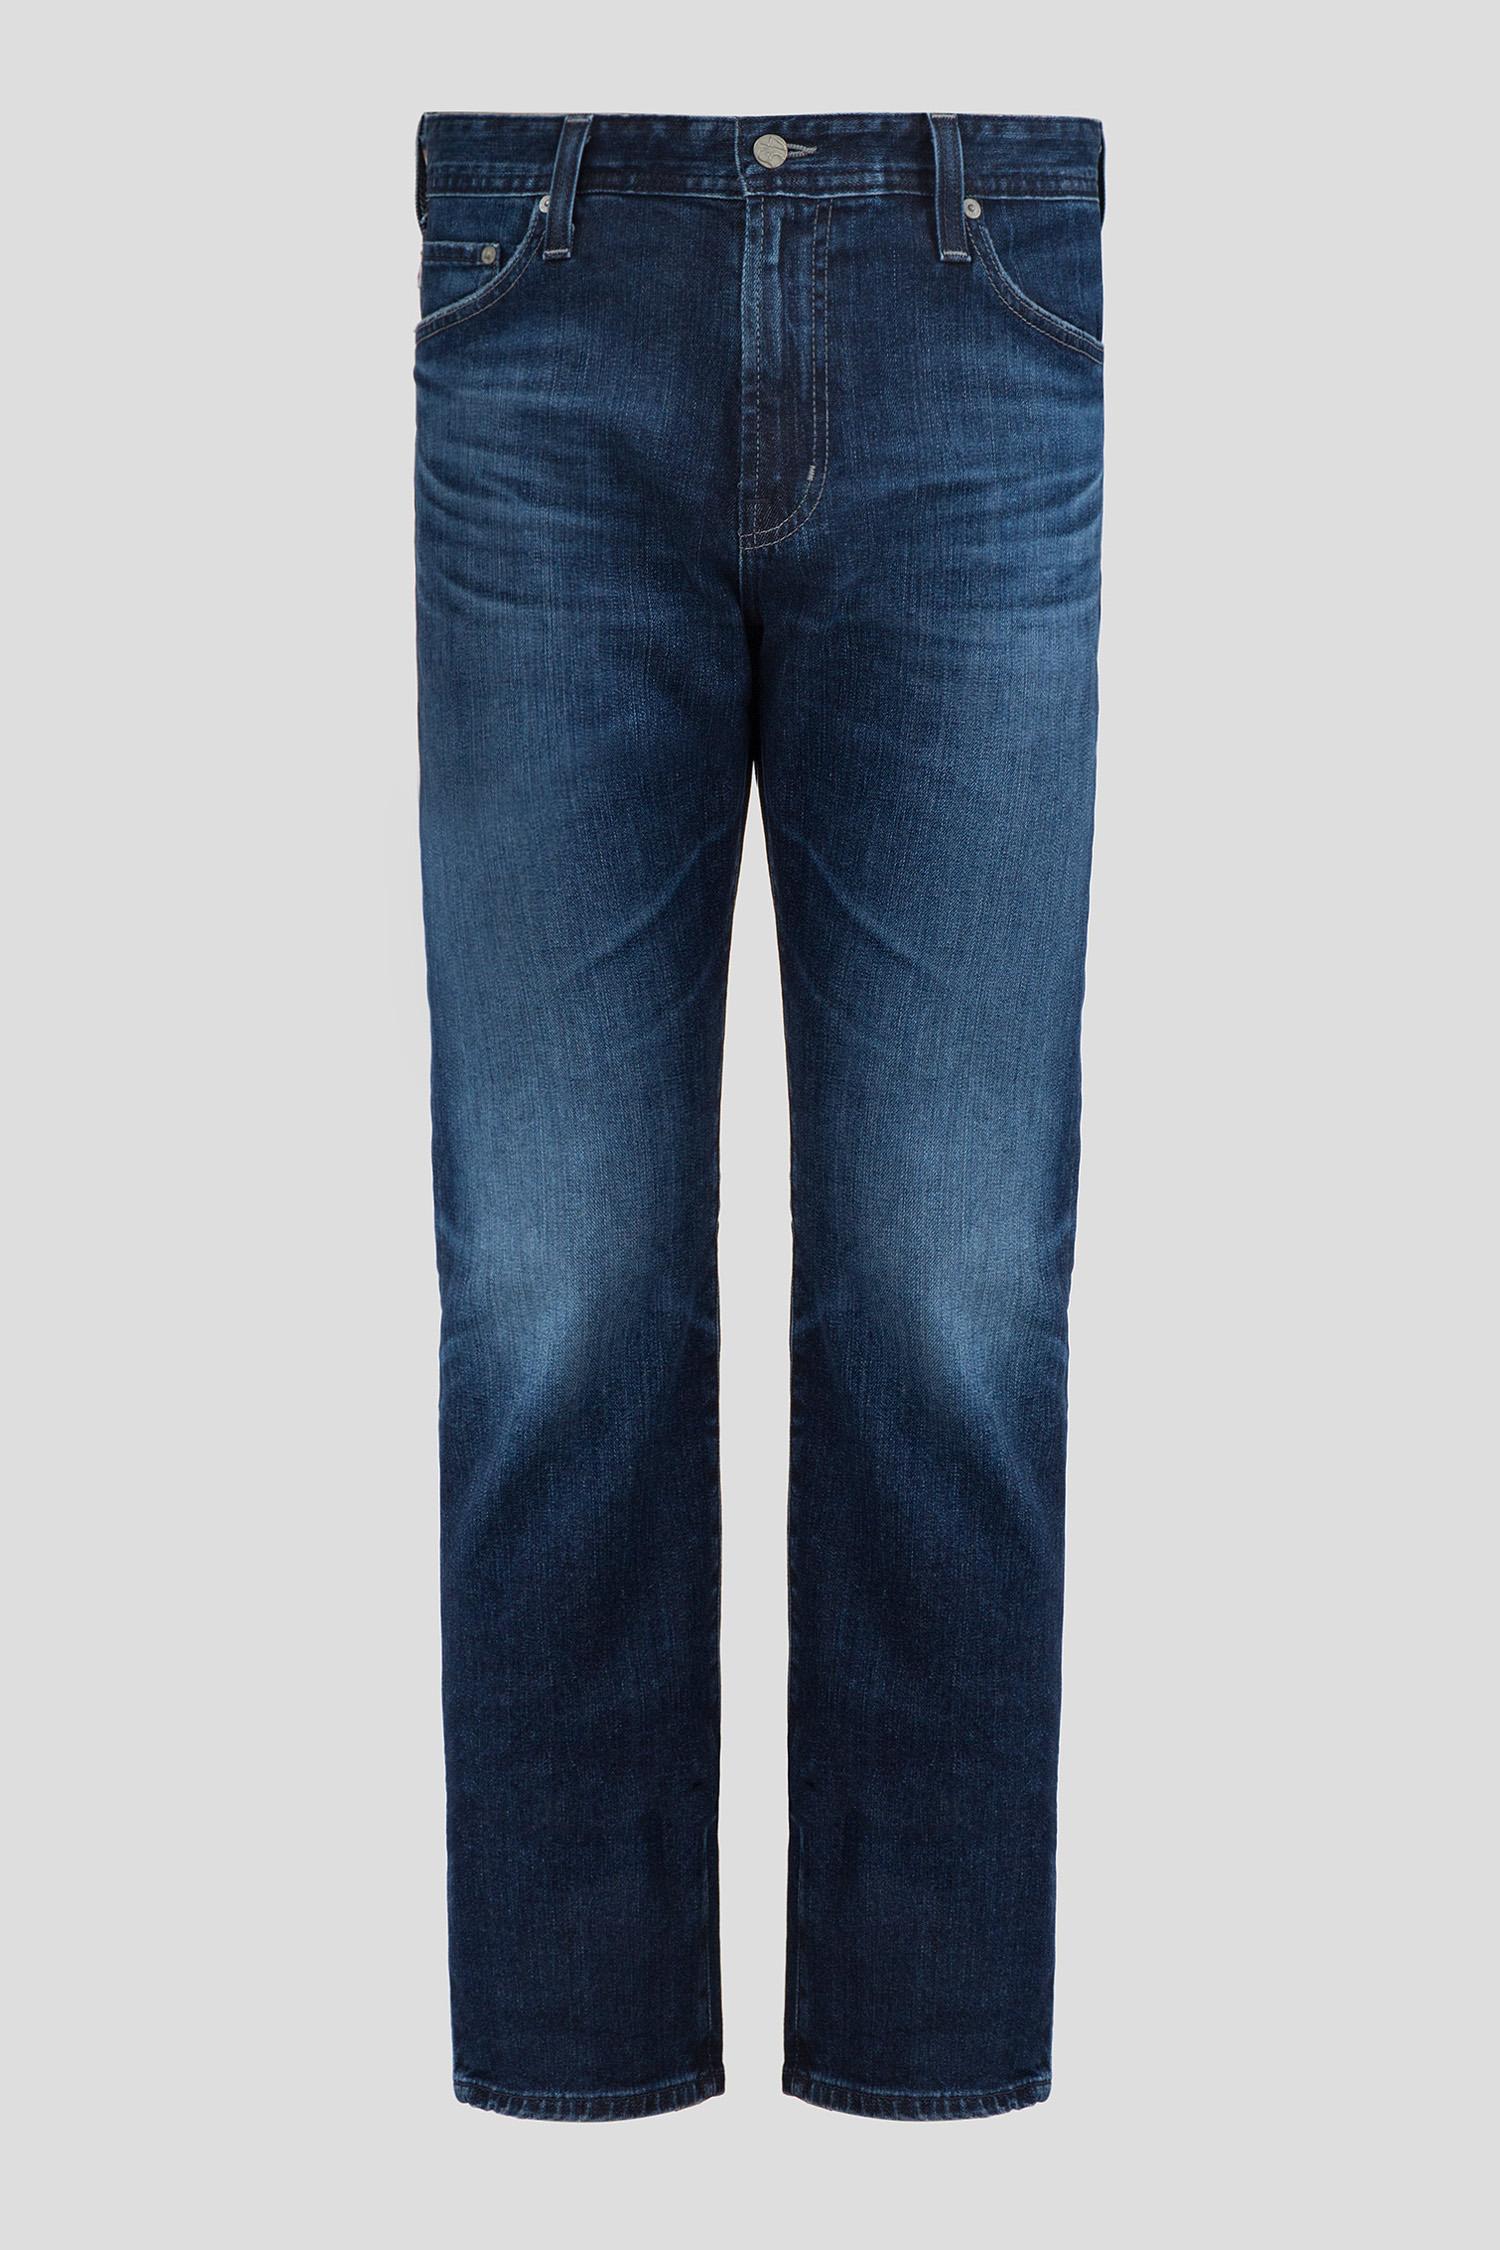 Мужские темно-синие джинсы The Everett AG